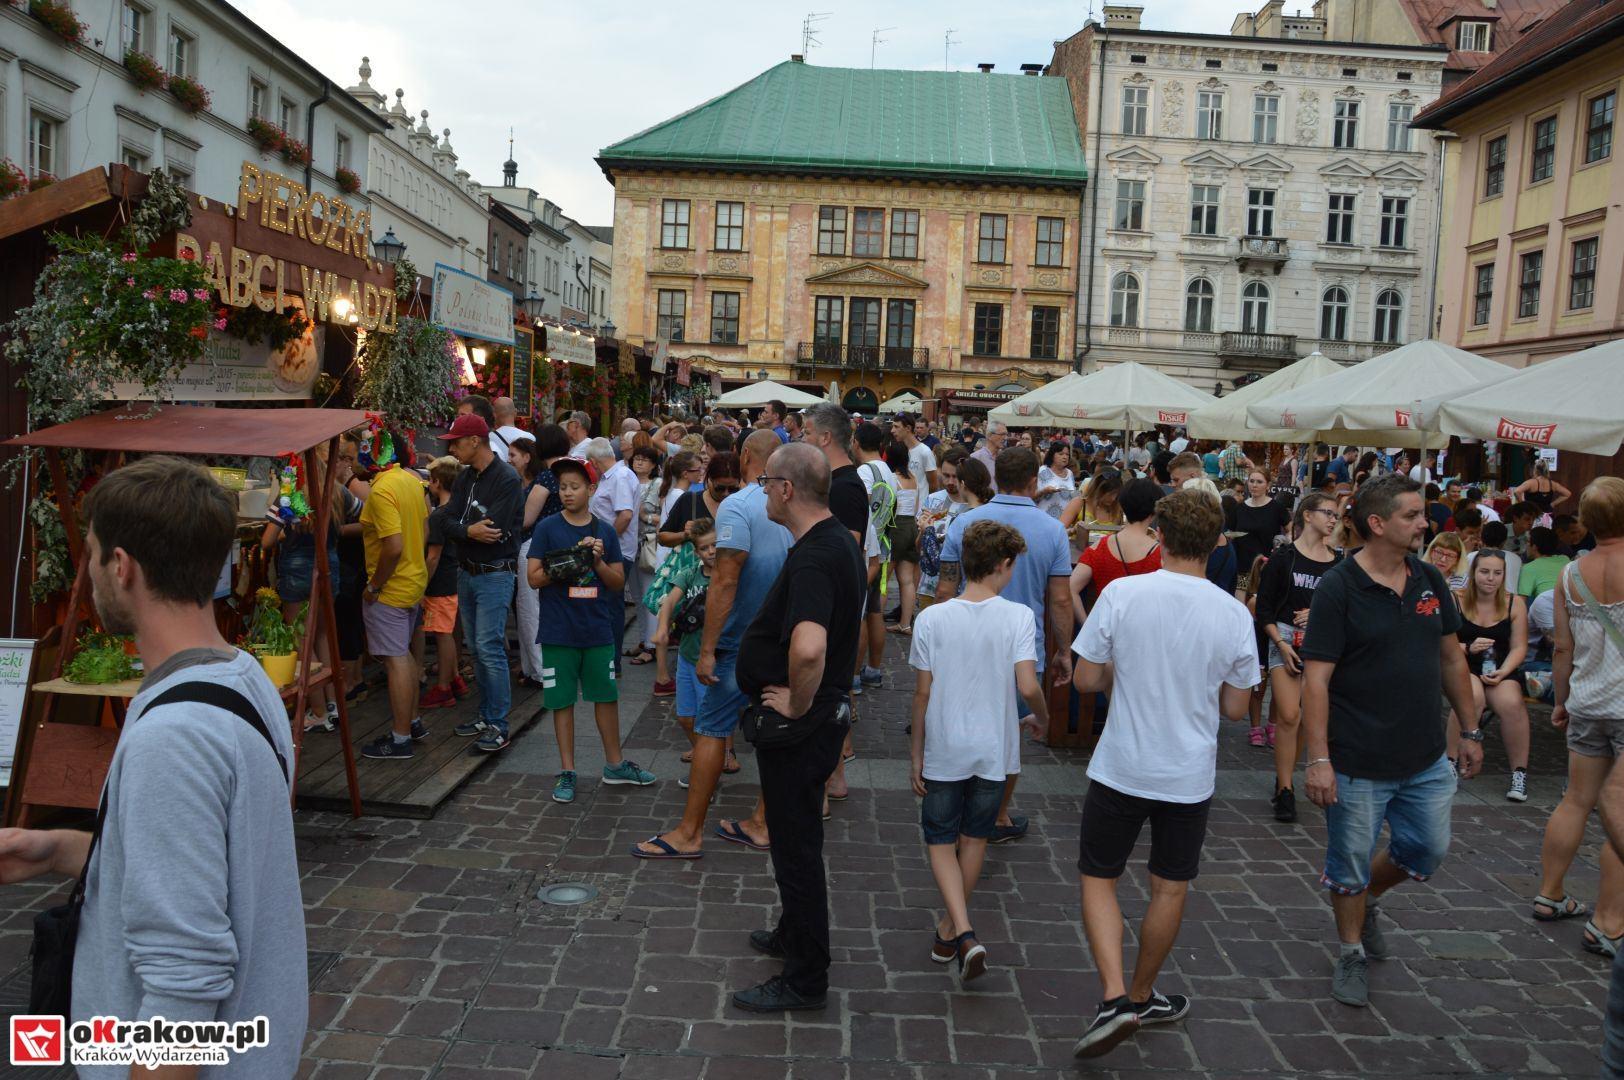 krakow festiwal pierogow maly rynek koncert cheap tobacco 21 150x150 - Galeria zdjęć Festiwal Pierogów Kraków 2018 + zdjęcia z koncertu Cheap Tobacco